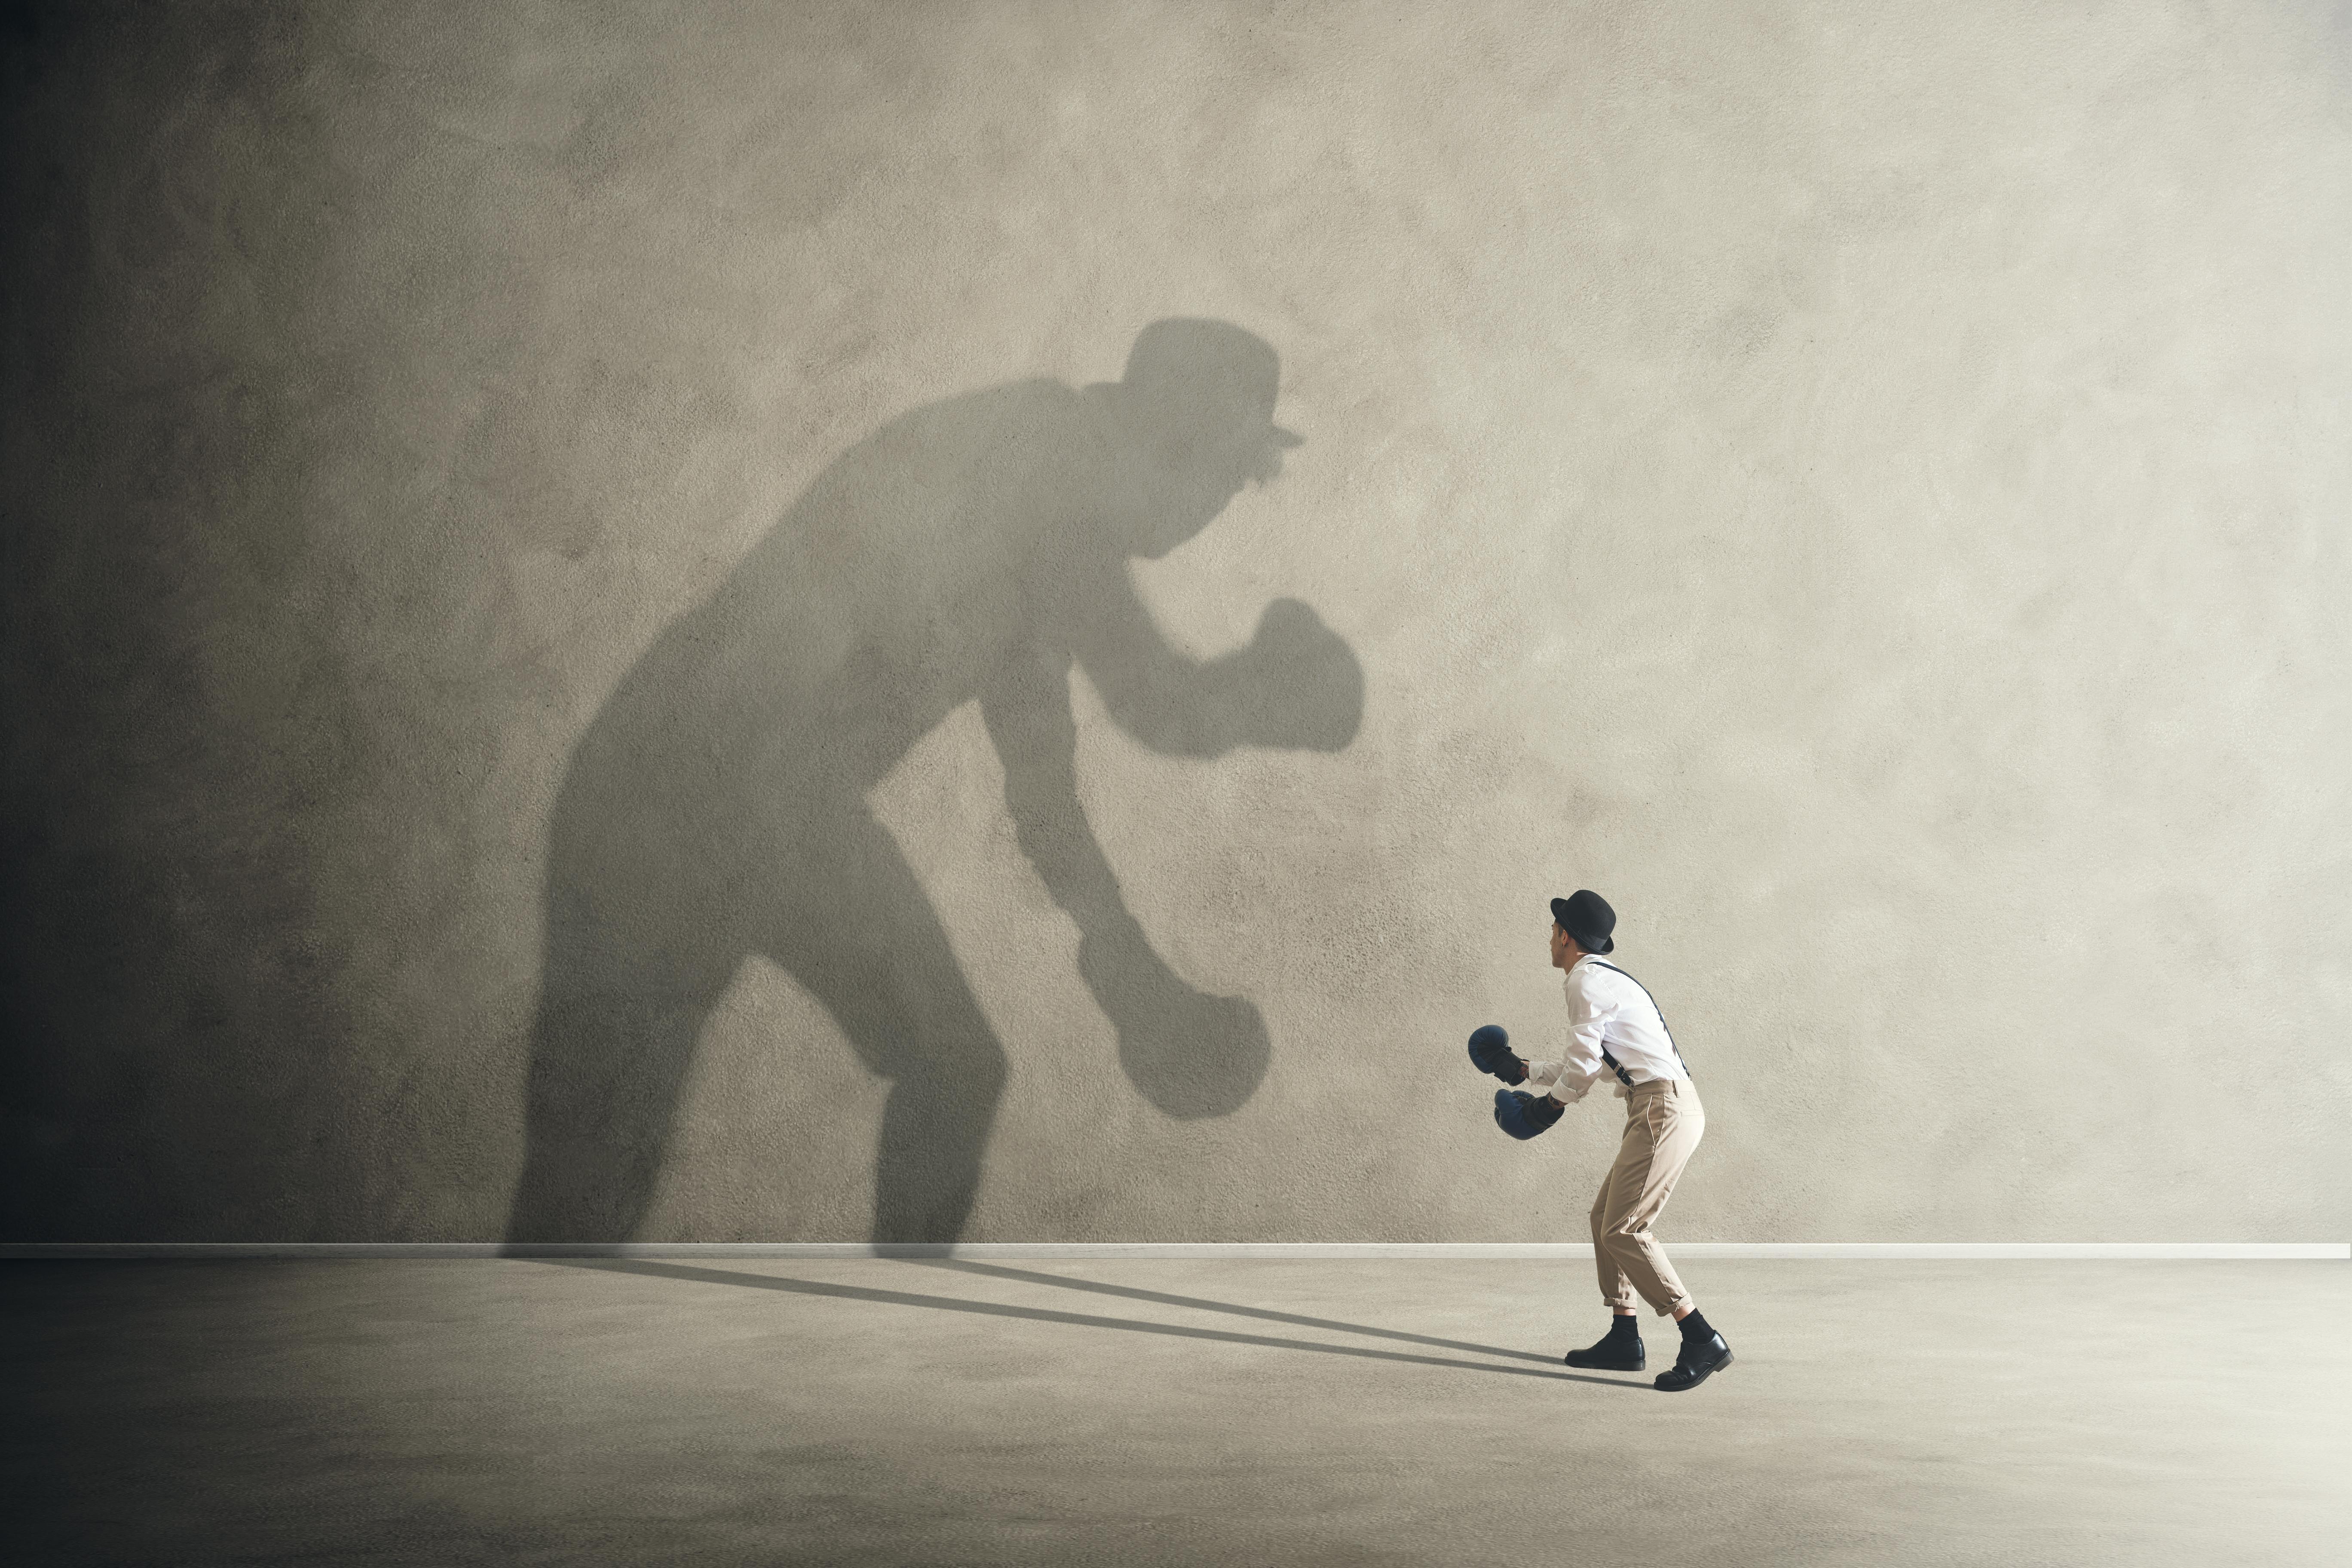 Puede suceder que una persona utilice la inseguridad como mecanismo de defensa y lo trasforme en actitudes arrogantes, agresivas, distantes o peyorativas ante otras personas.